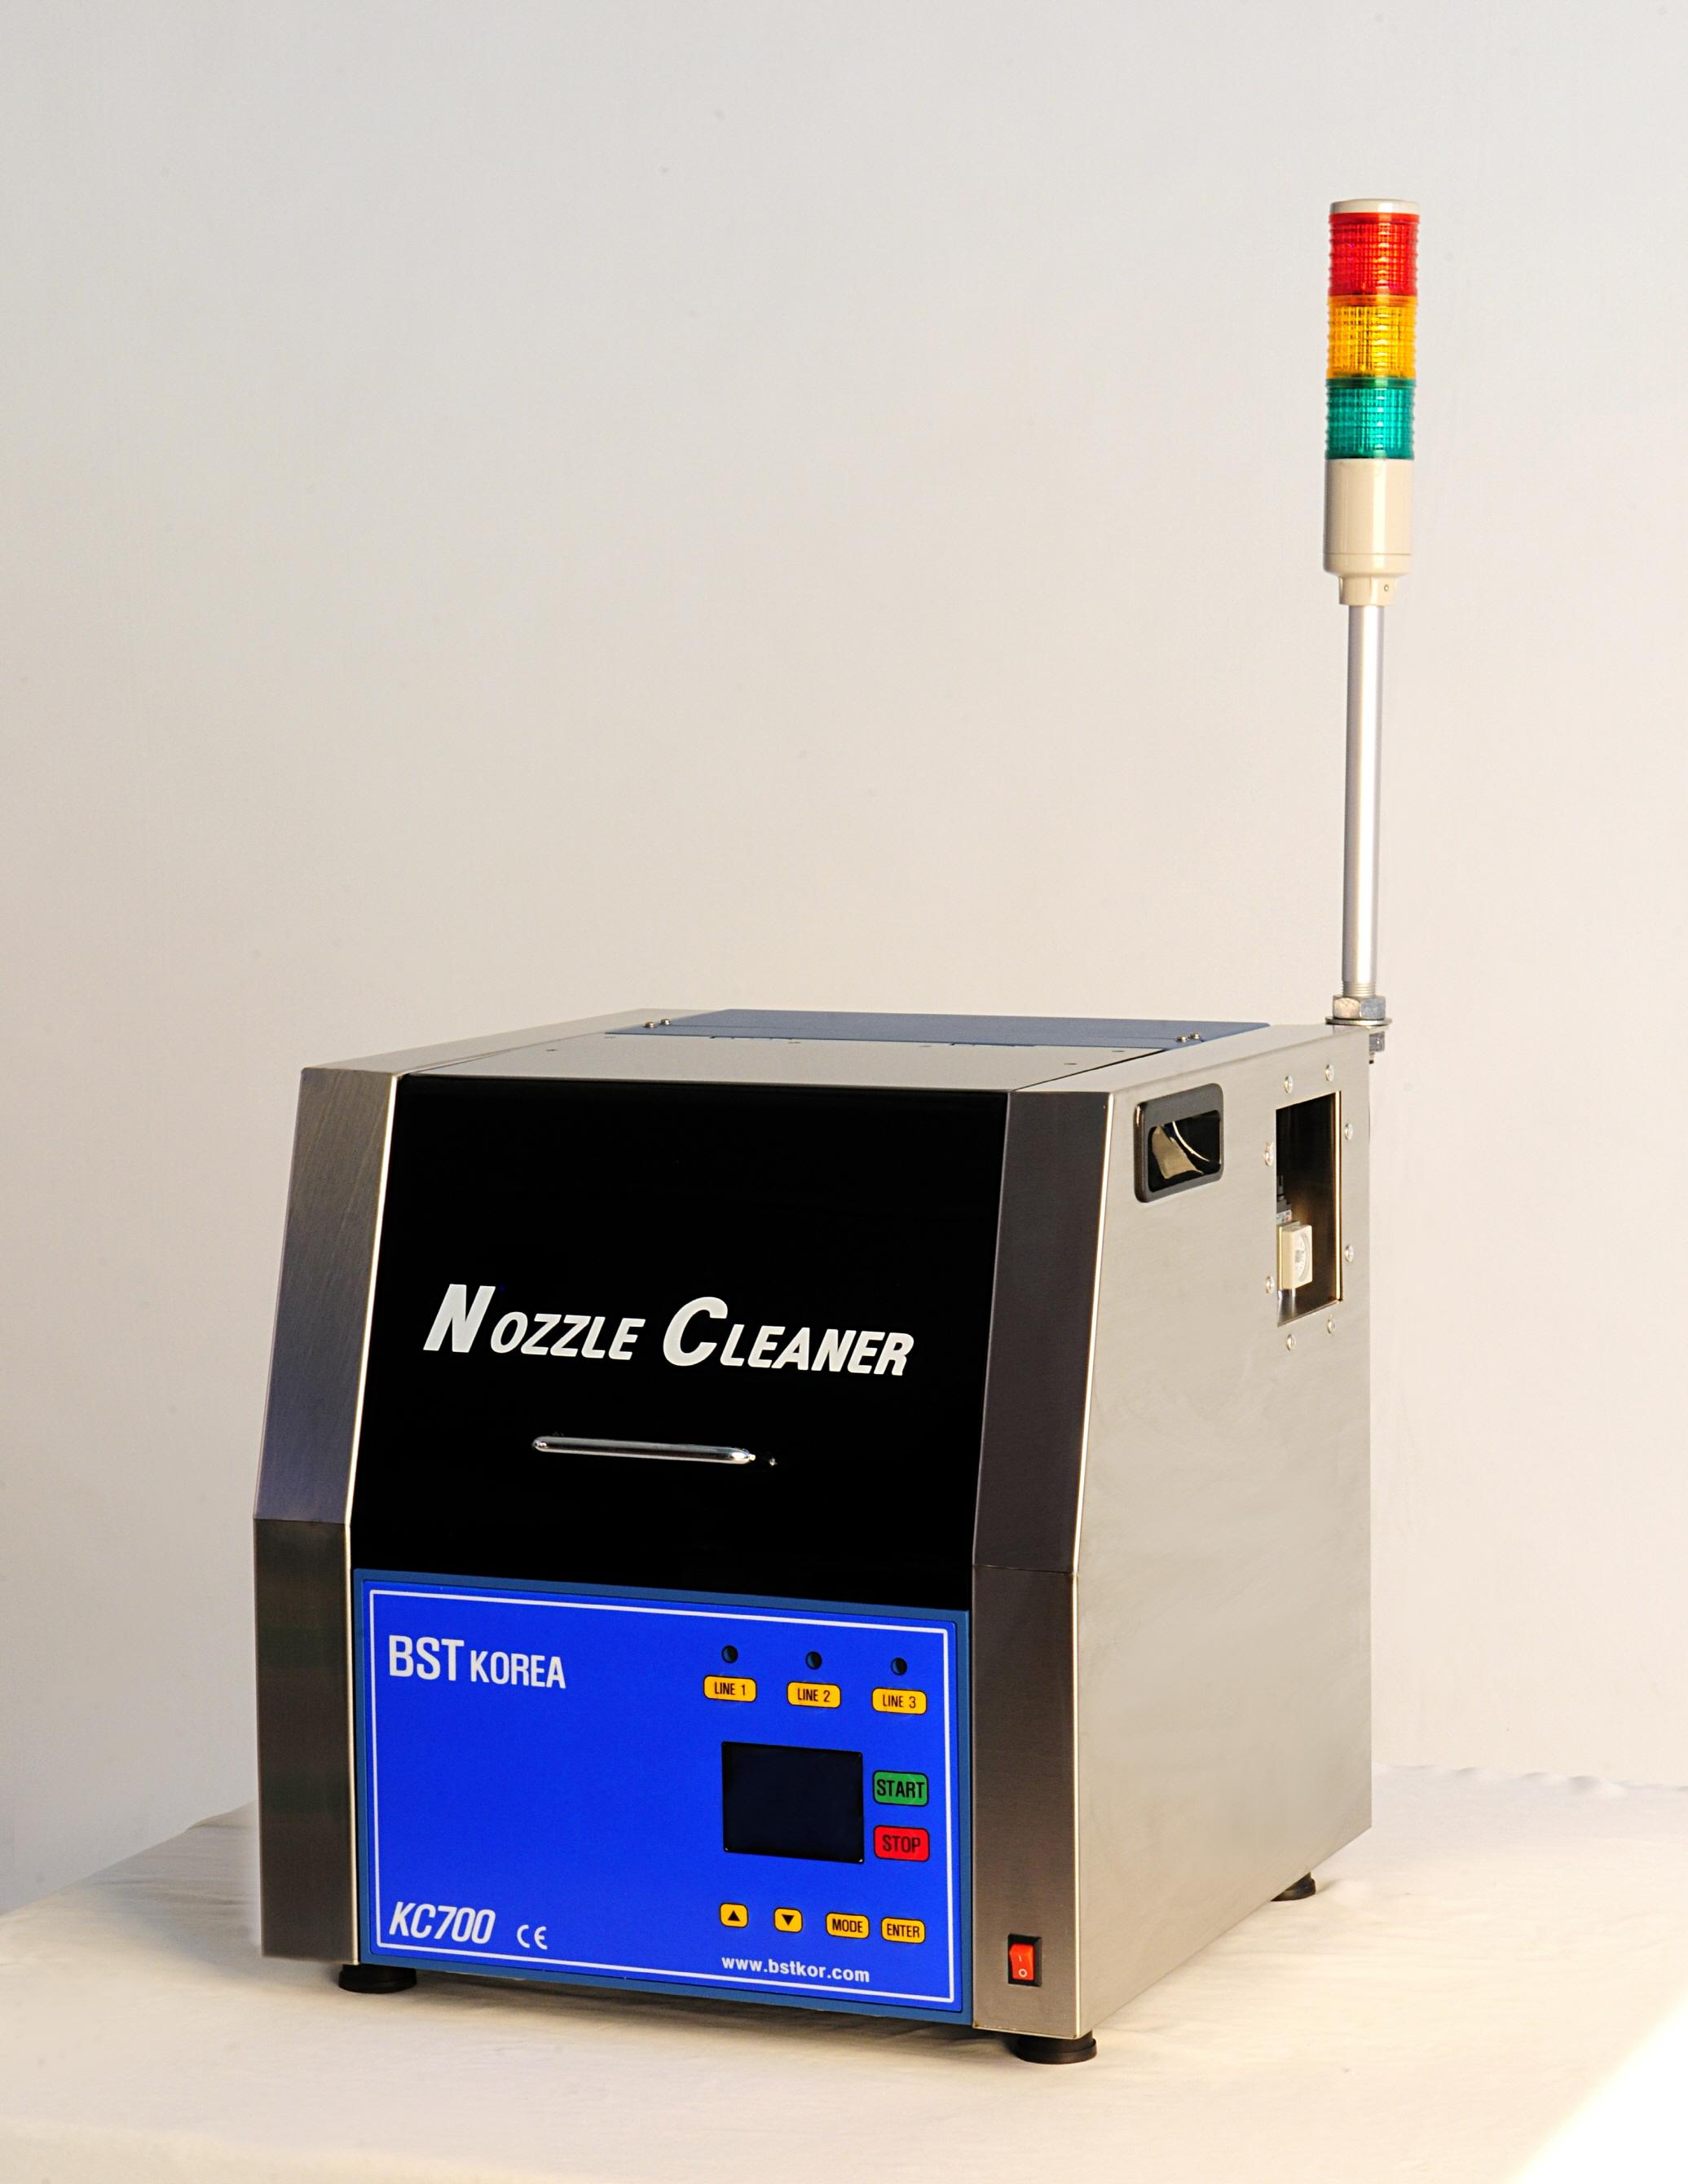 SMT Nozzle Cleaner - KC700